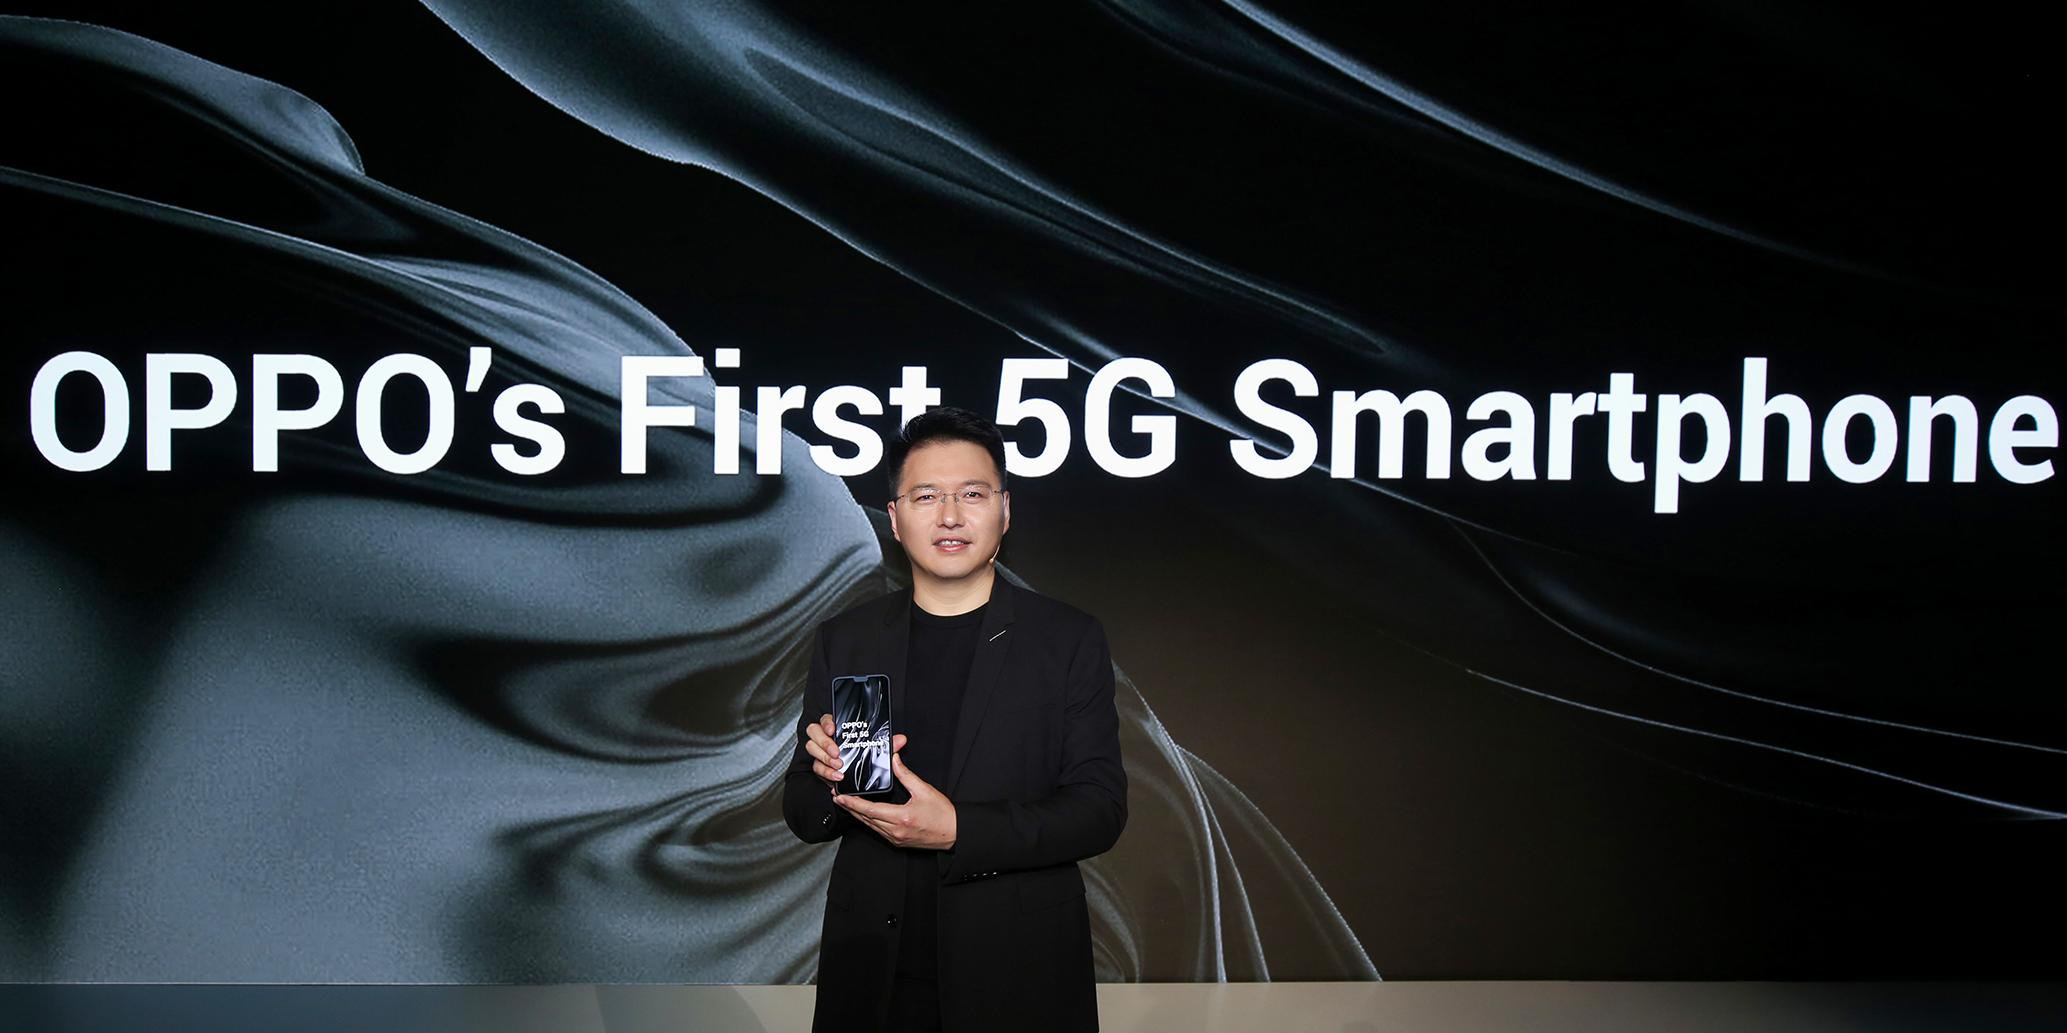 OPPO uzyskuje certyfikat CE dla swojego pierwszego smartfona 5G